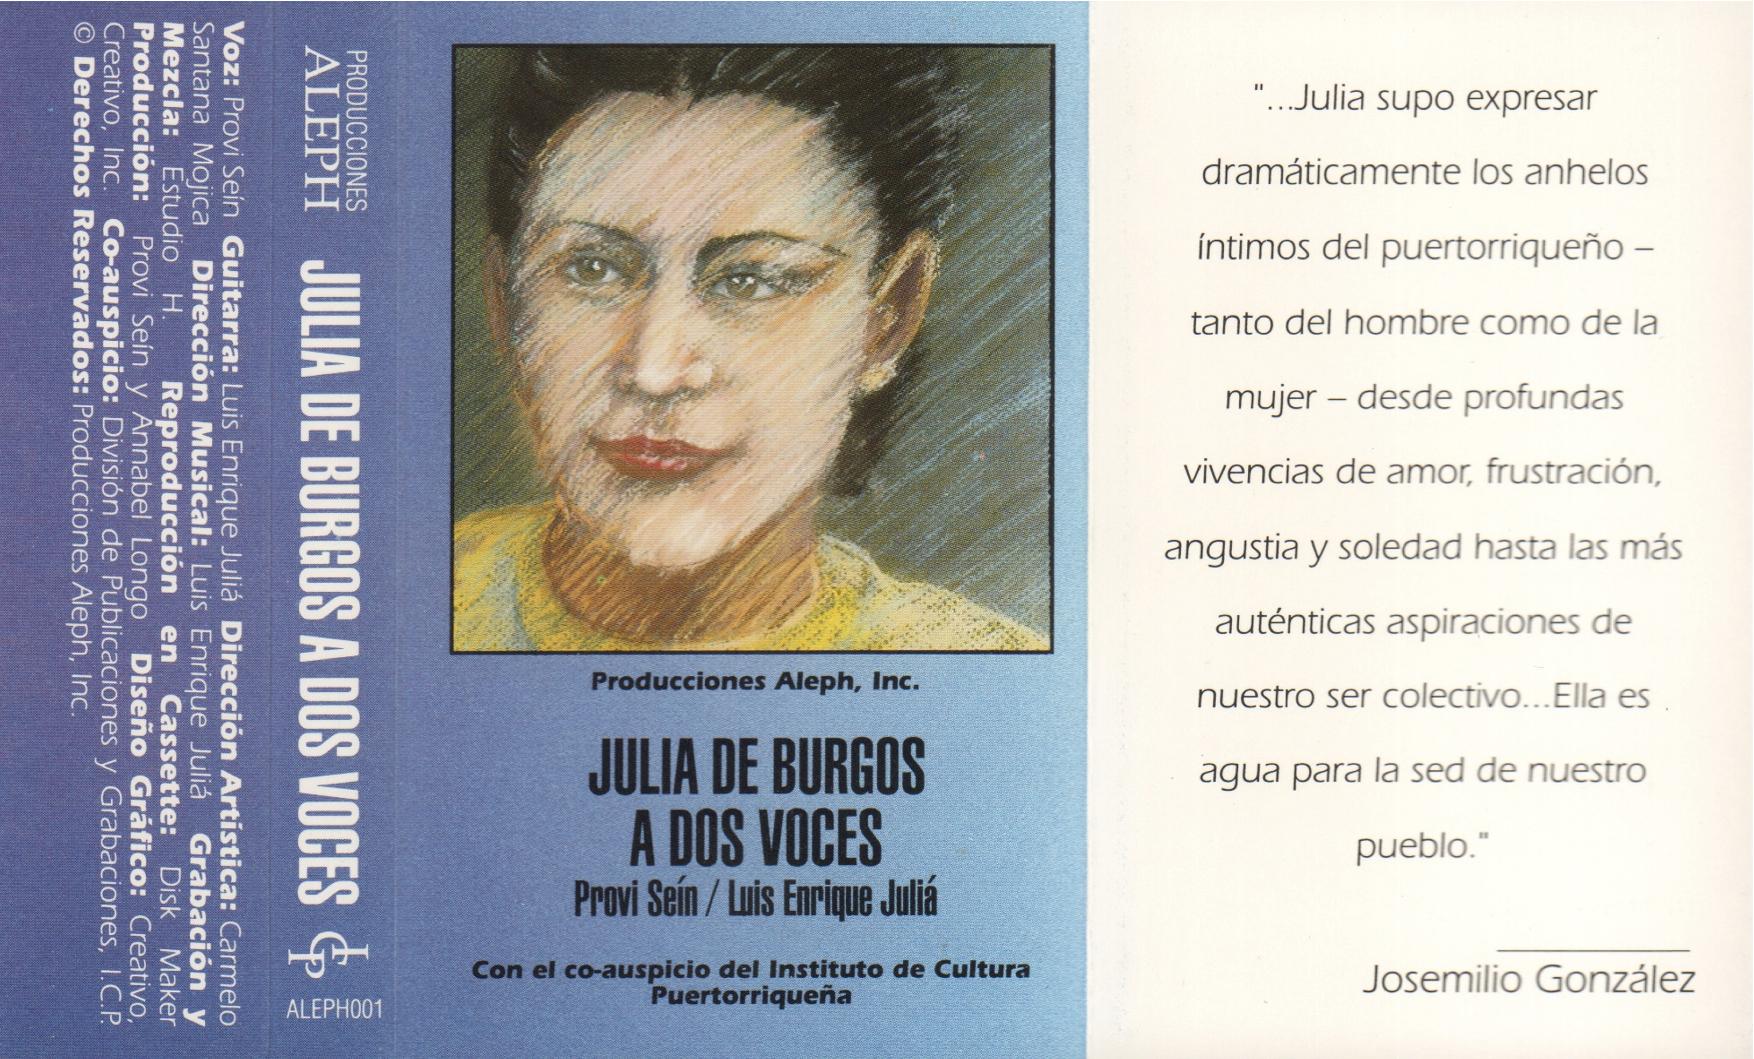 Julia de Burgos - A dos voces/ Producciones Aleph